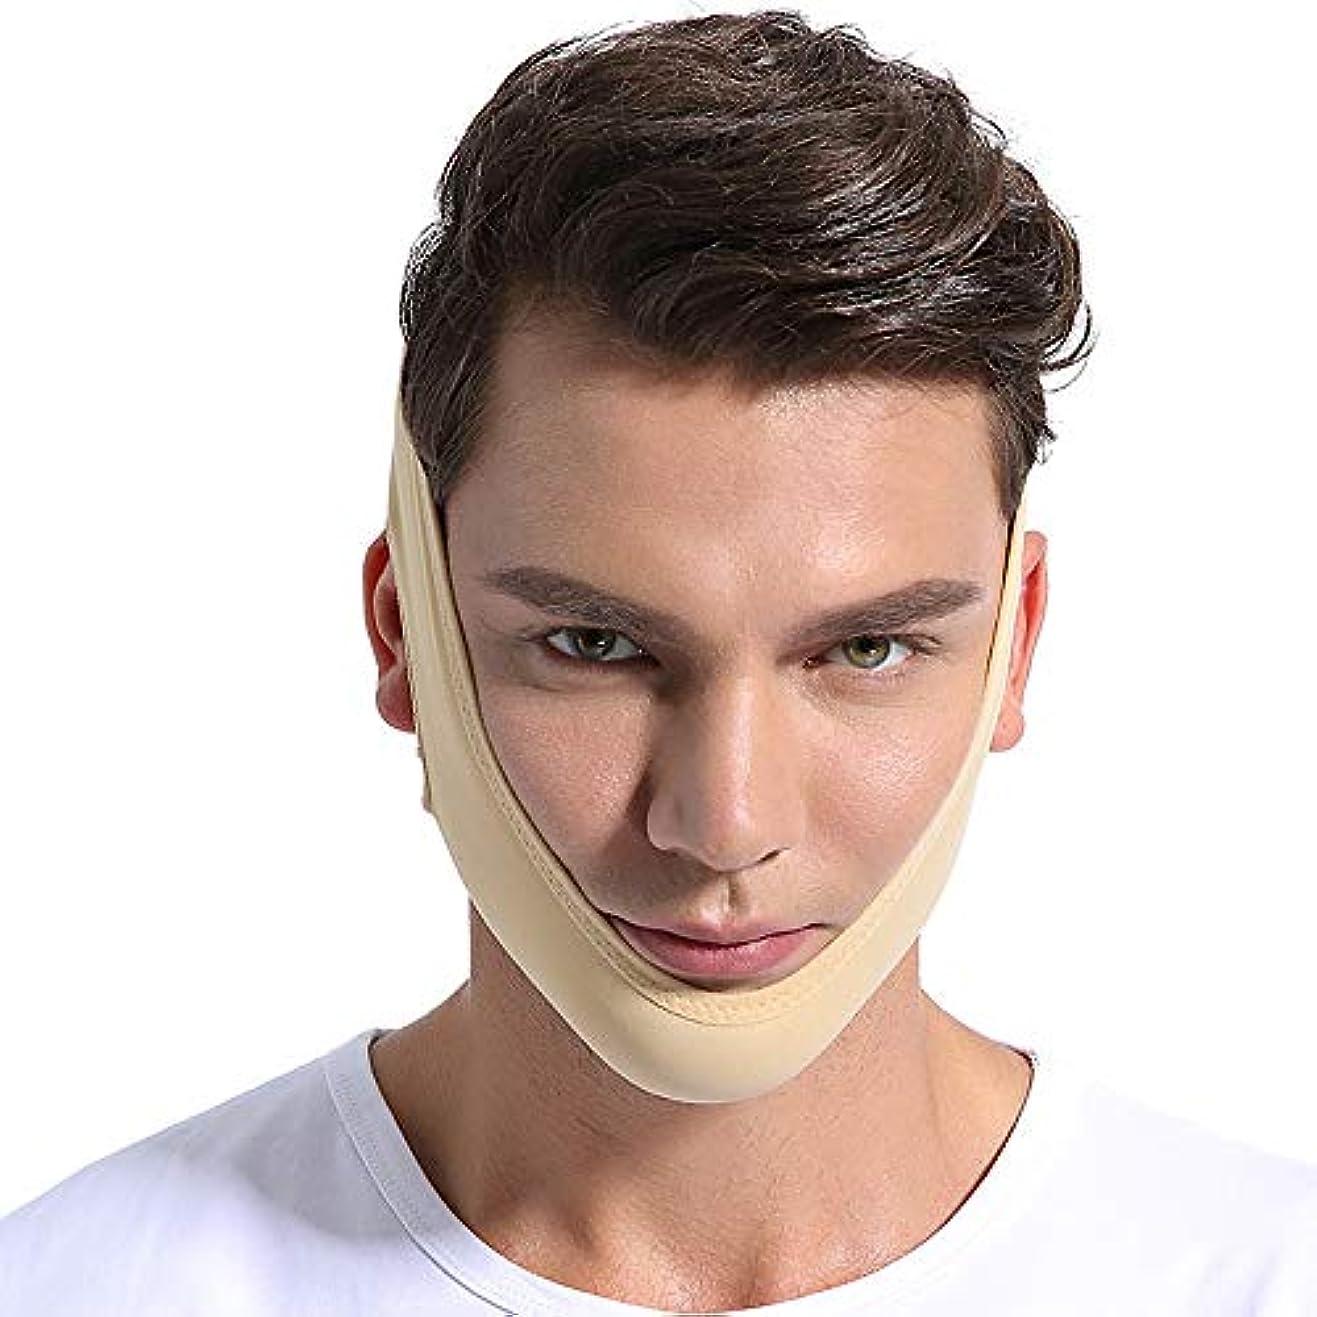 肥料再編成するフレア顔面持ち上げ用具、Vフェイスの薄い顔の包帯顔面マッサージ器リフティングパッキングマスク,L